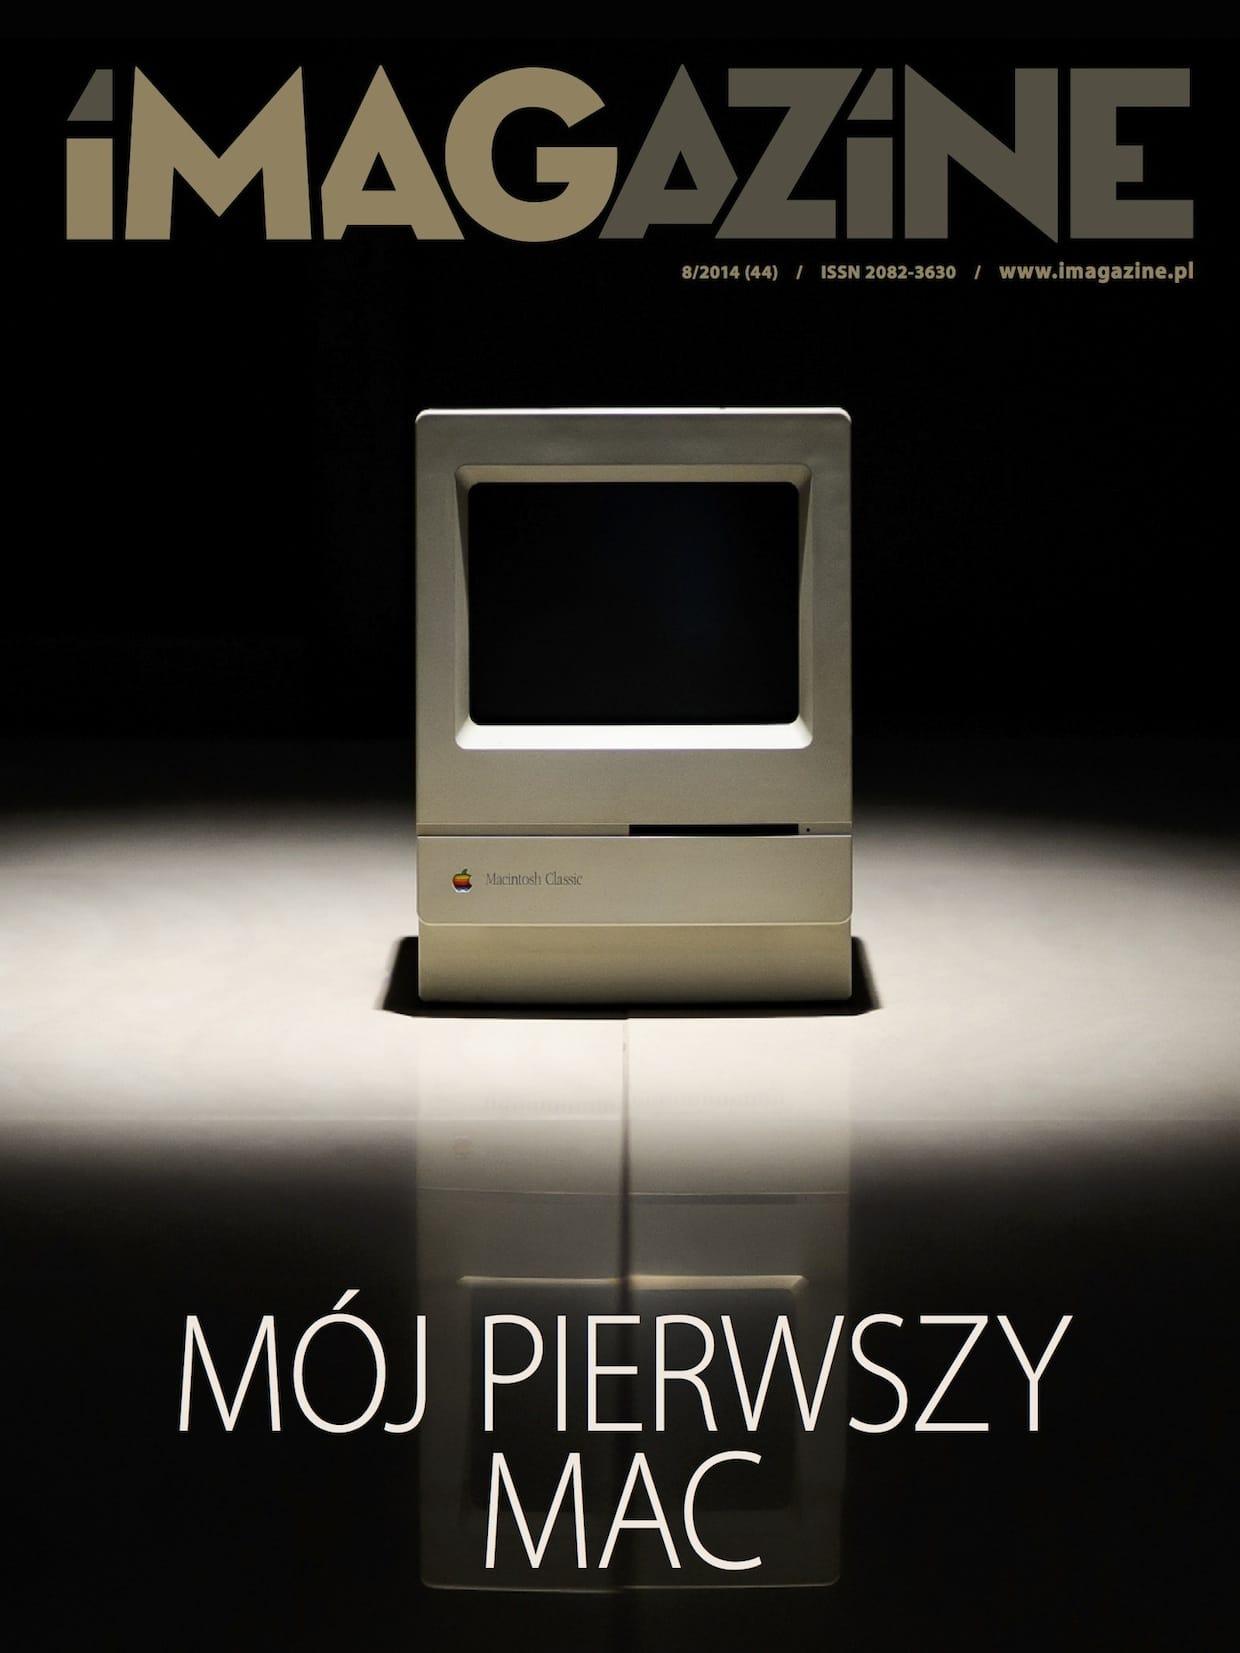 iMagazine 8/2014 – Mój pierwszy Mac